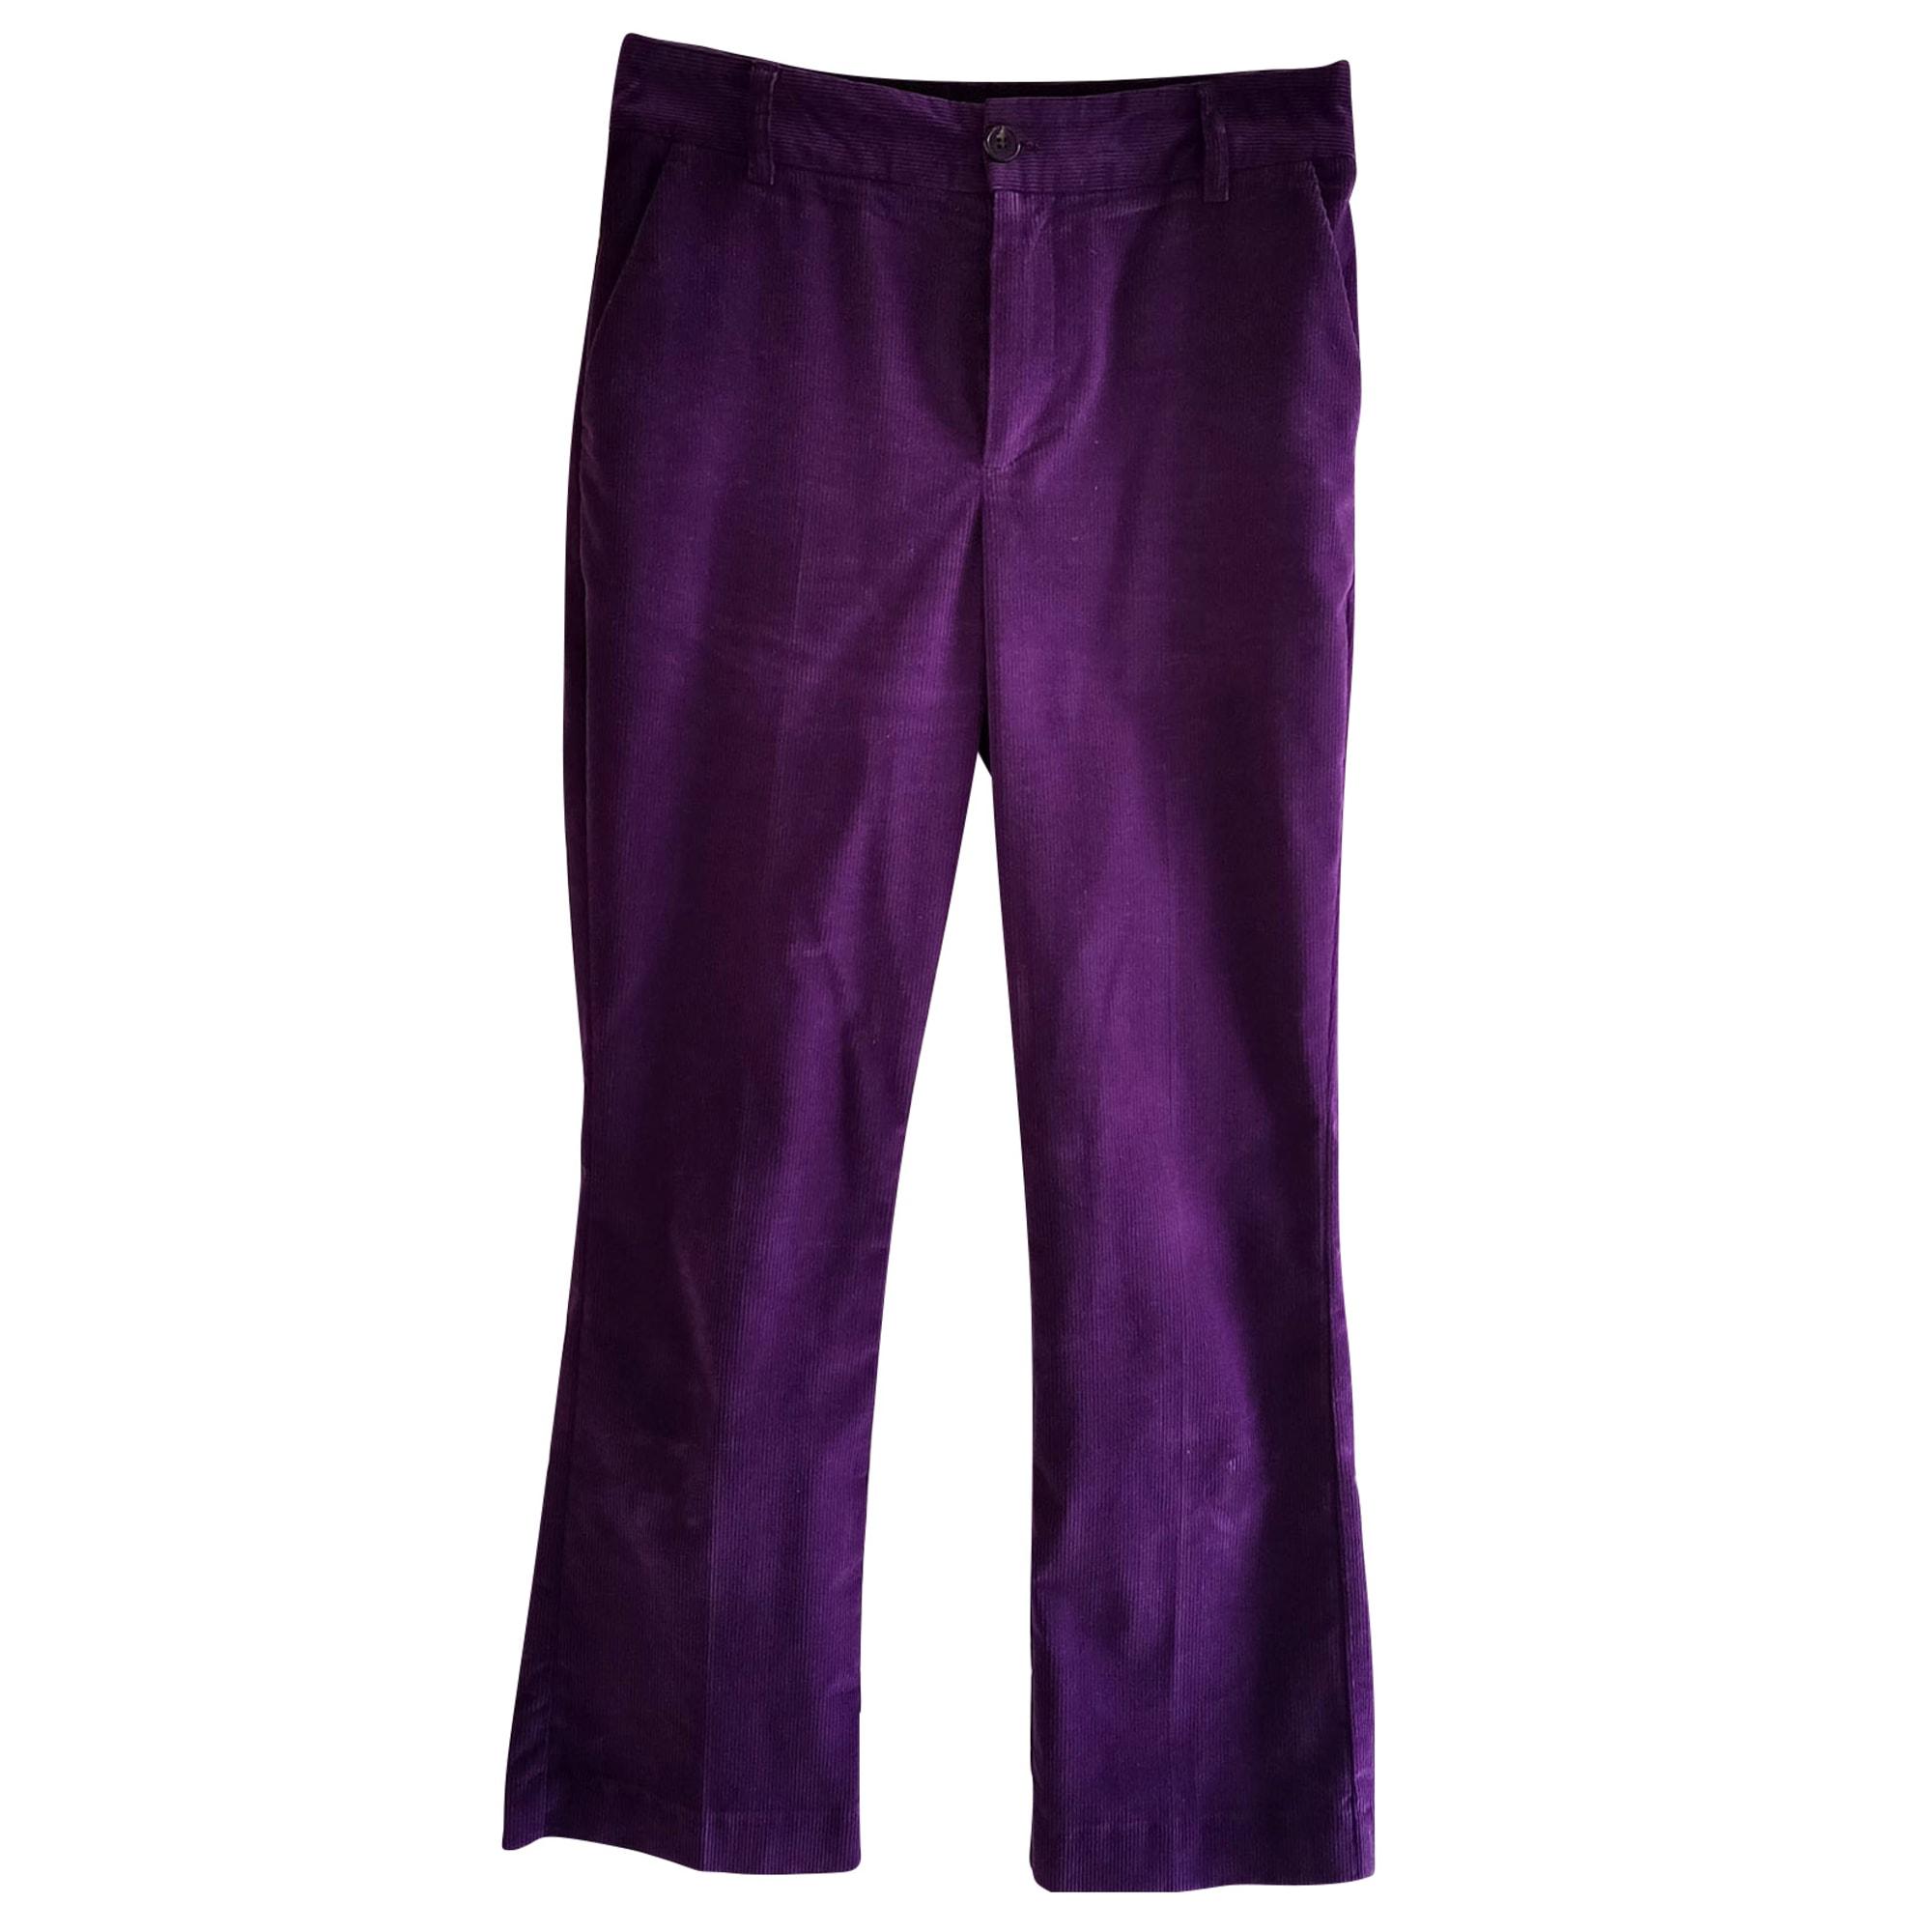 Pantalon évasé SOEUR Violet, mauve, lavande